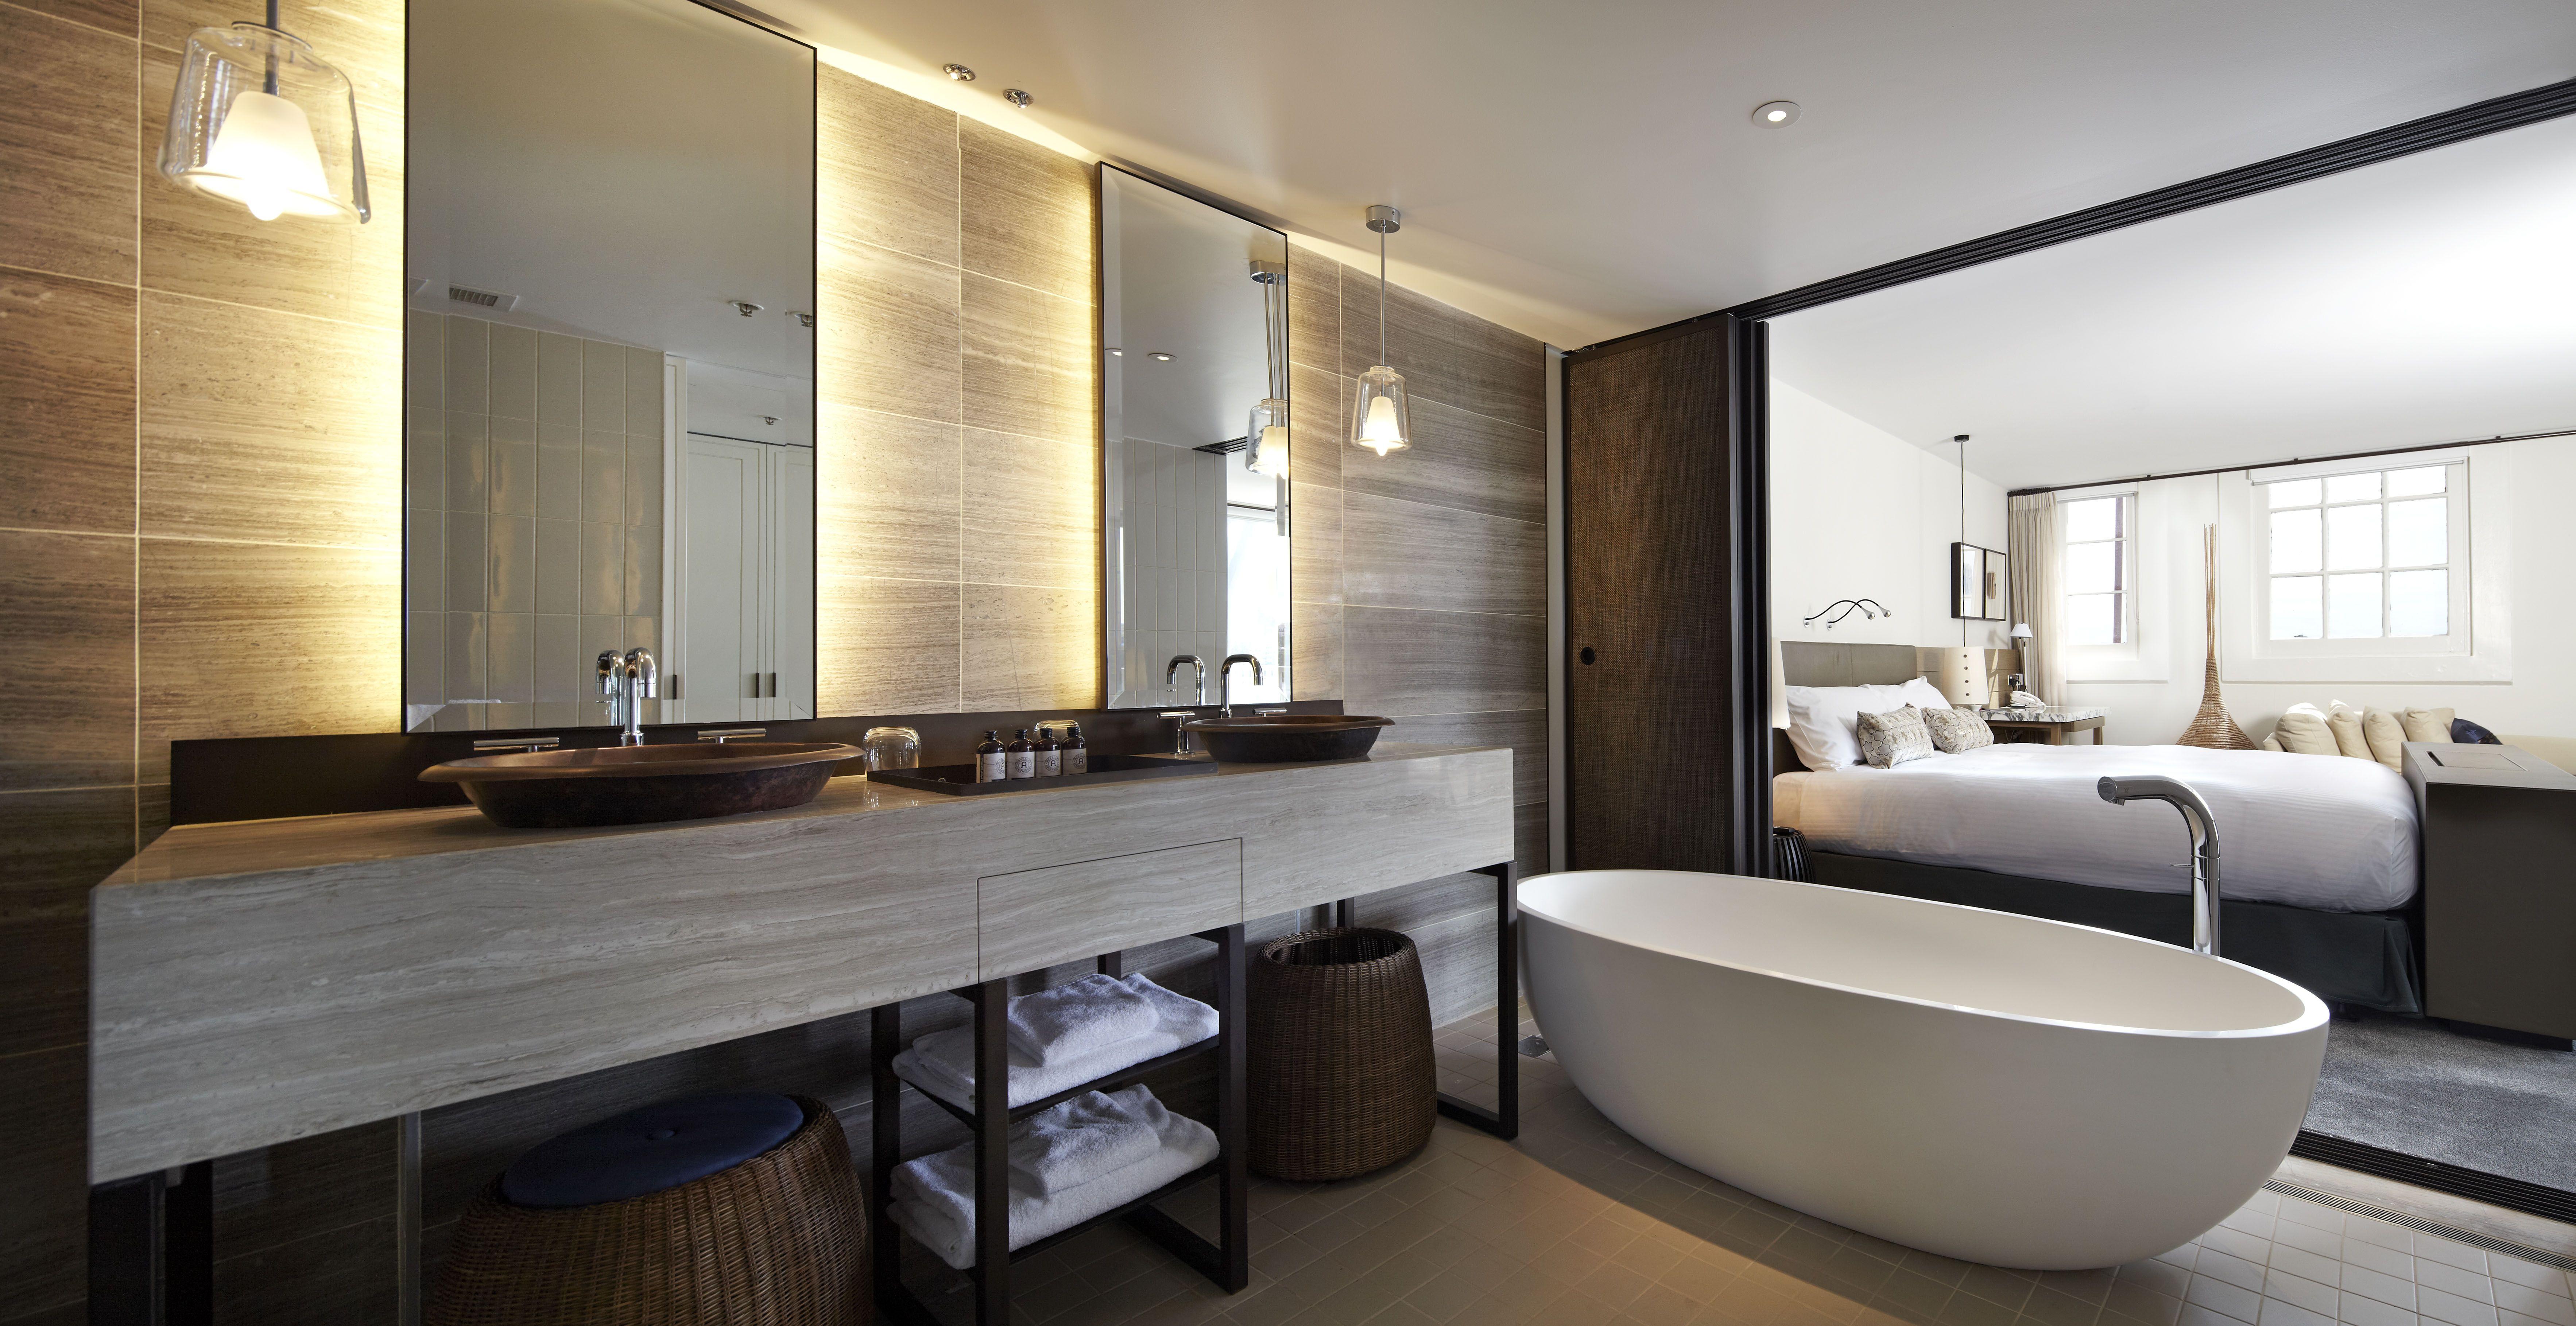 Hier zouden we graag onze tanden poetsen en in bad gaan! #luxe